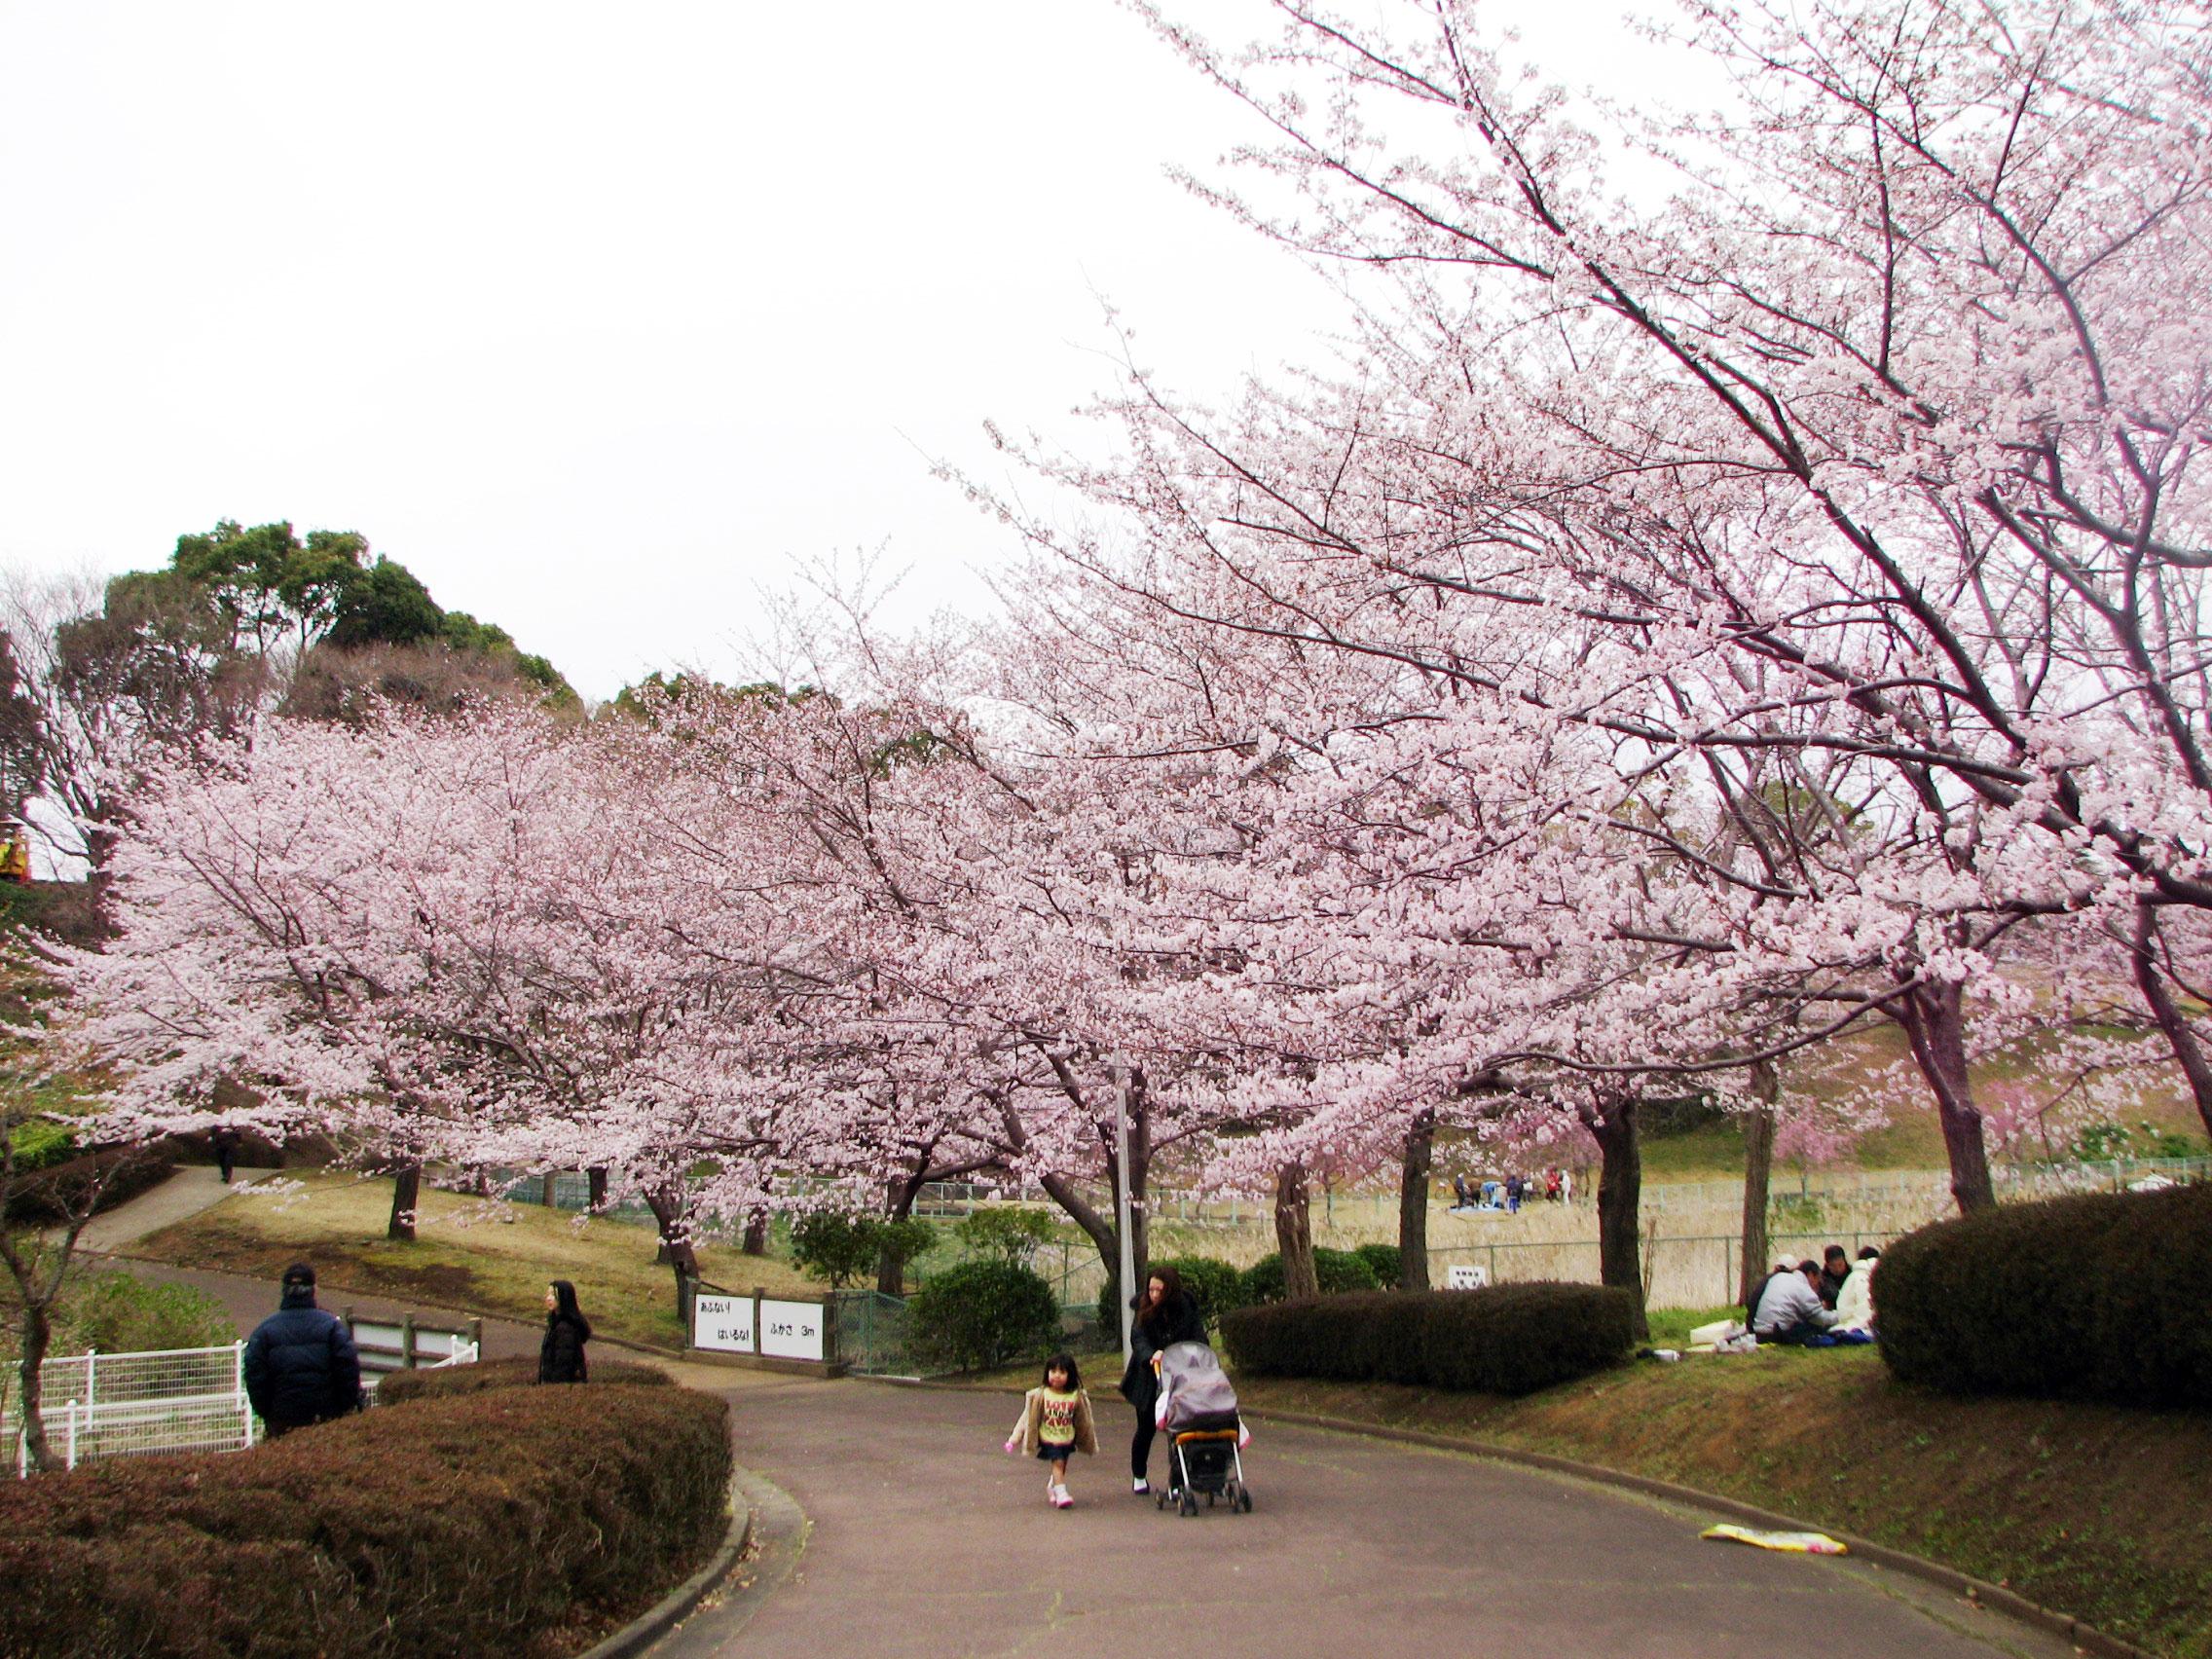 成田ゆめ牧場の桜|花見特集2019